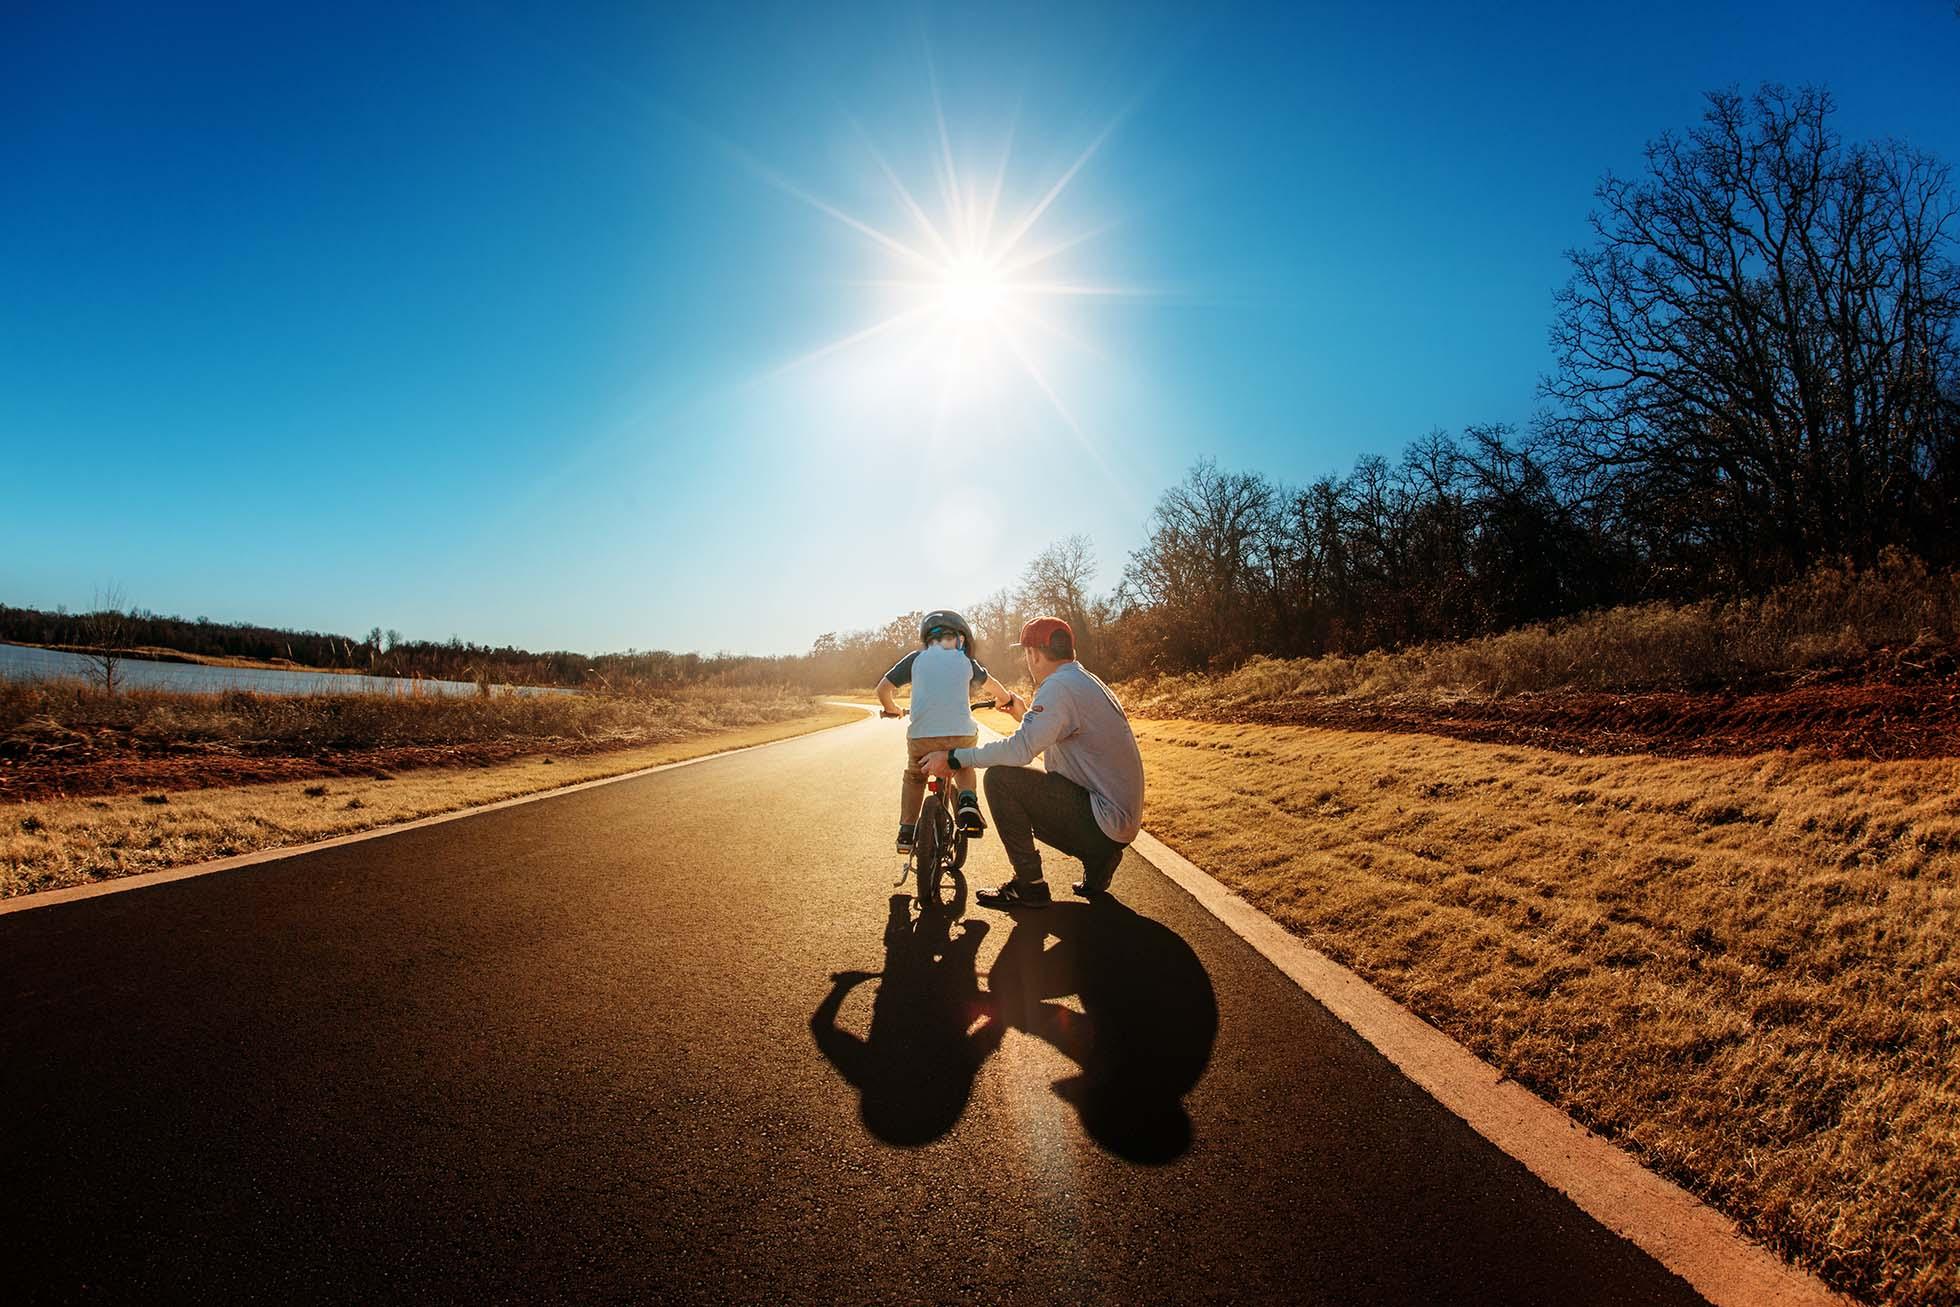 A dad teaches his son to ride a bike